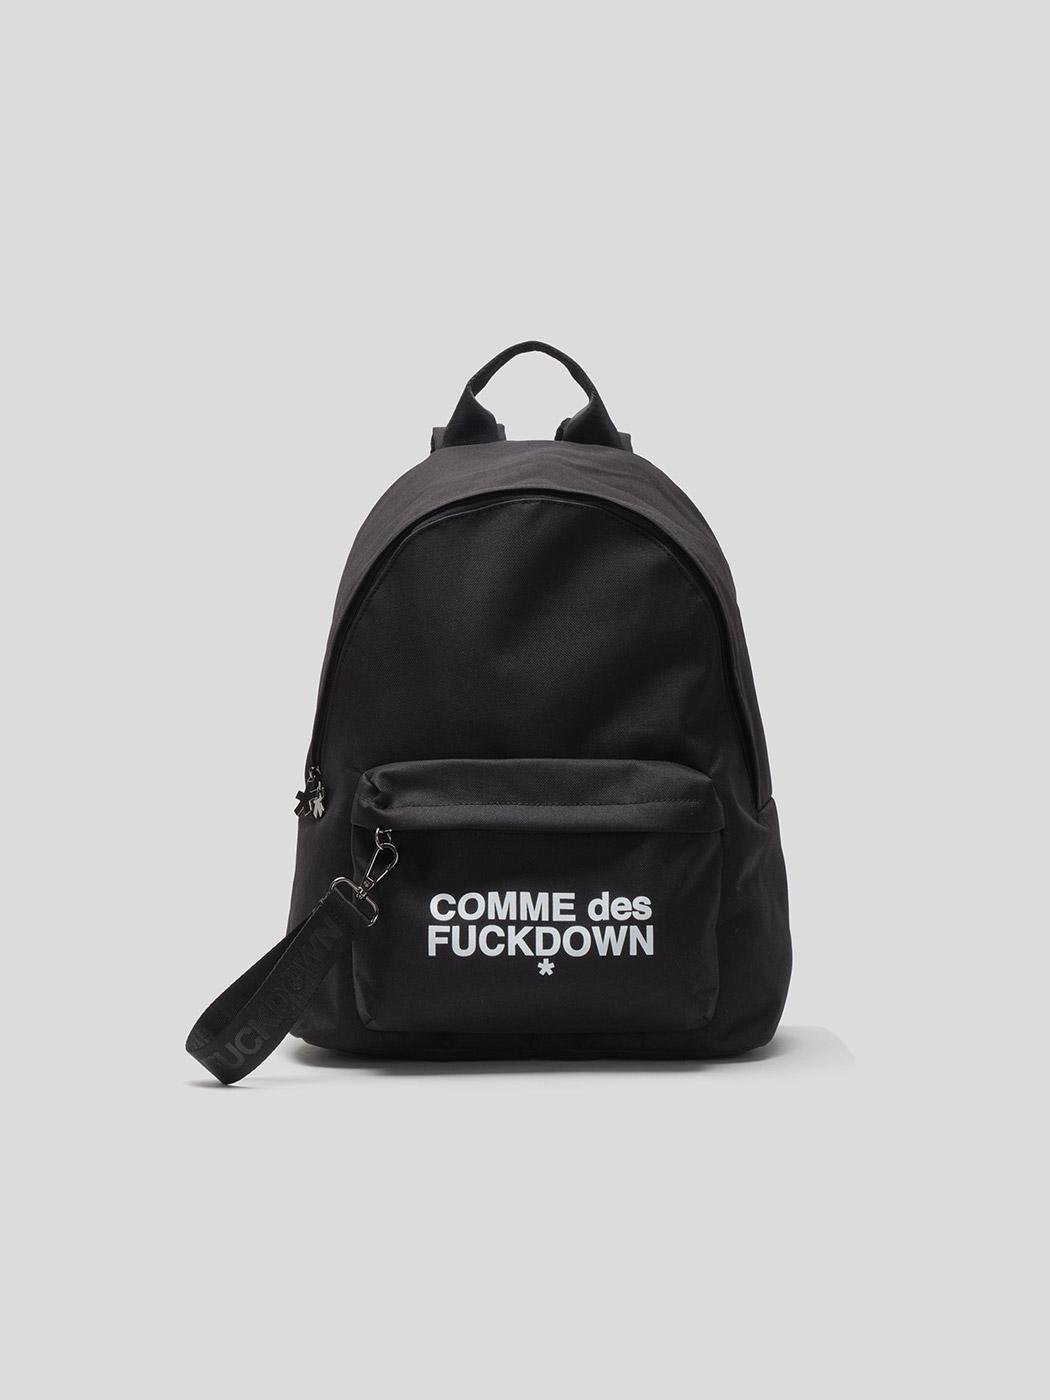 BACKPAK - CDFA564 - COMME DES FKDOWN